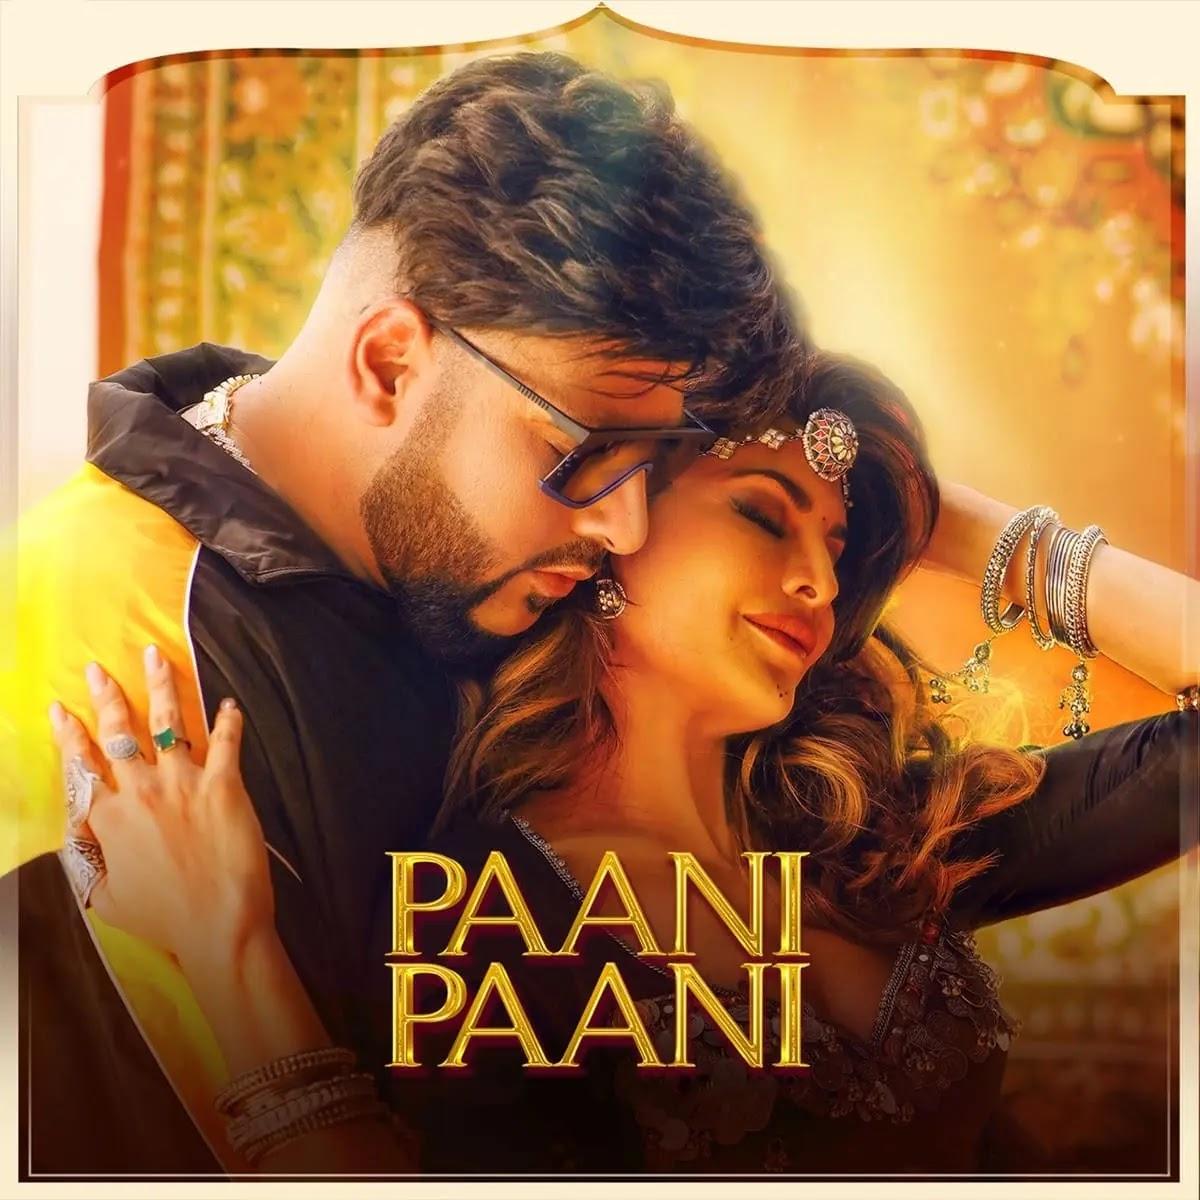 Paani Paani Badshah Mp3 Song Download 320kbps Free